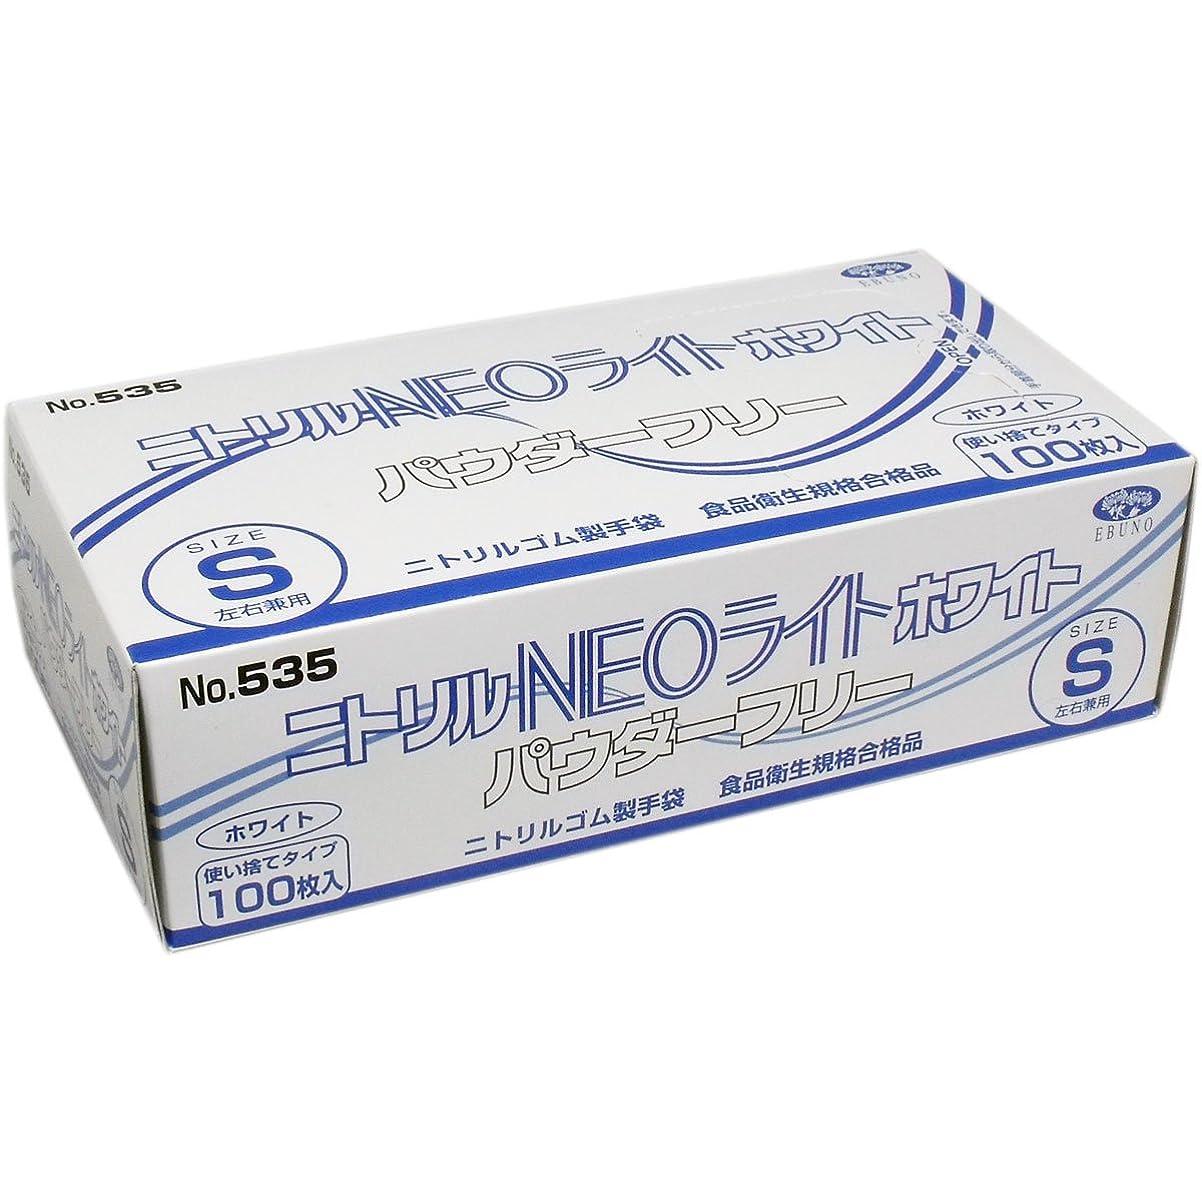 の慈悲で怖がって死ぬガロンニトリル手袋 NEOライト パウダーフリー ホワイト Sサイズ 100枚入「4点セット」